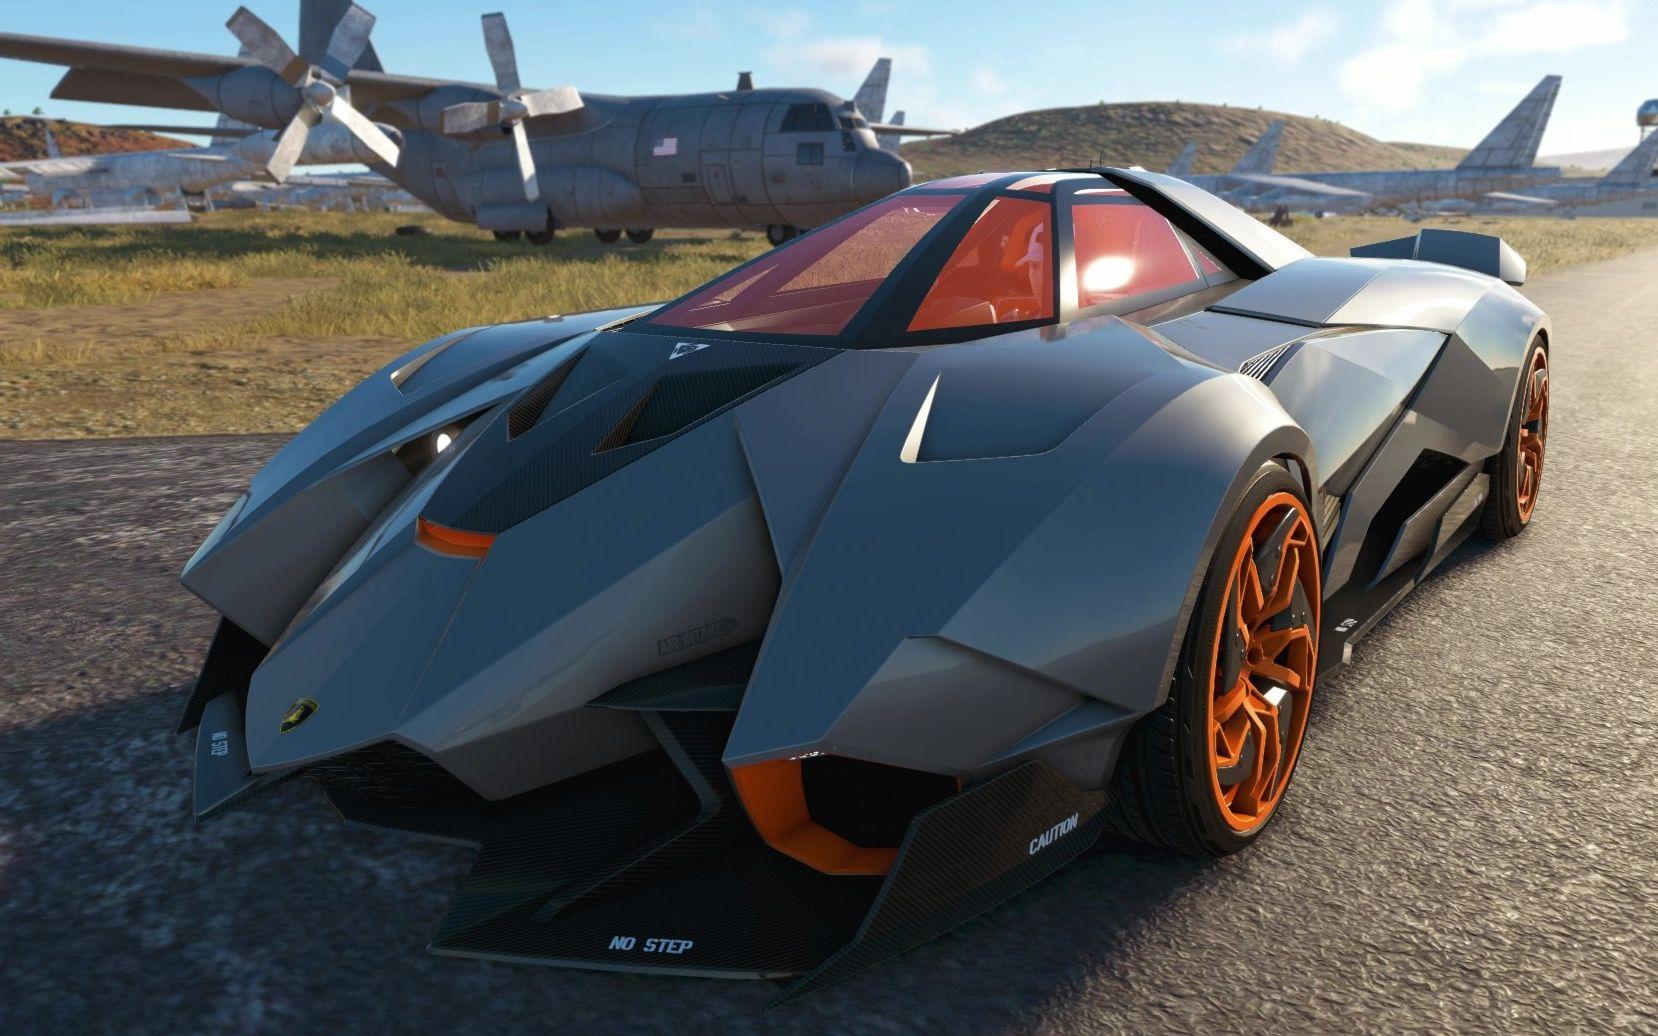 战斗机造型的兰博基尼自私概念车 全世界仅一辆 Lamborghini Egoista